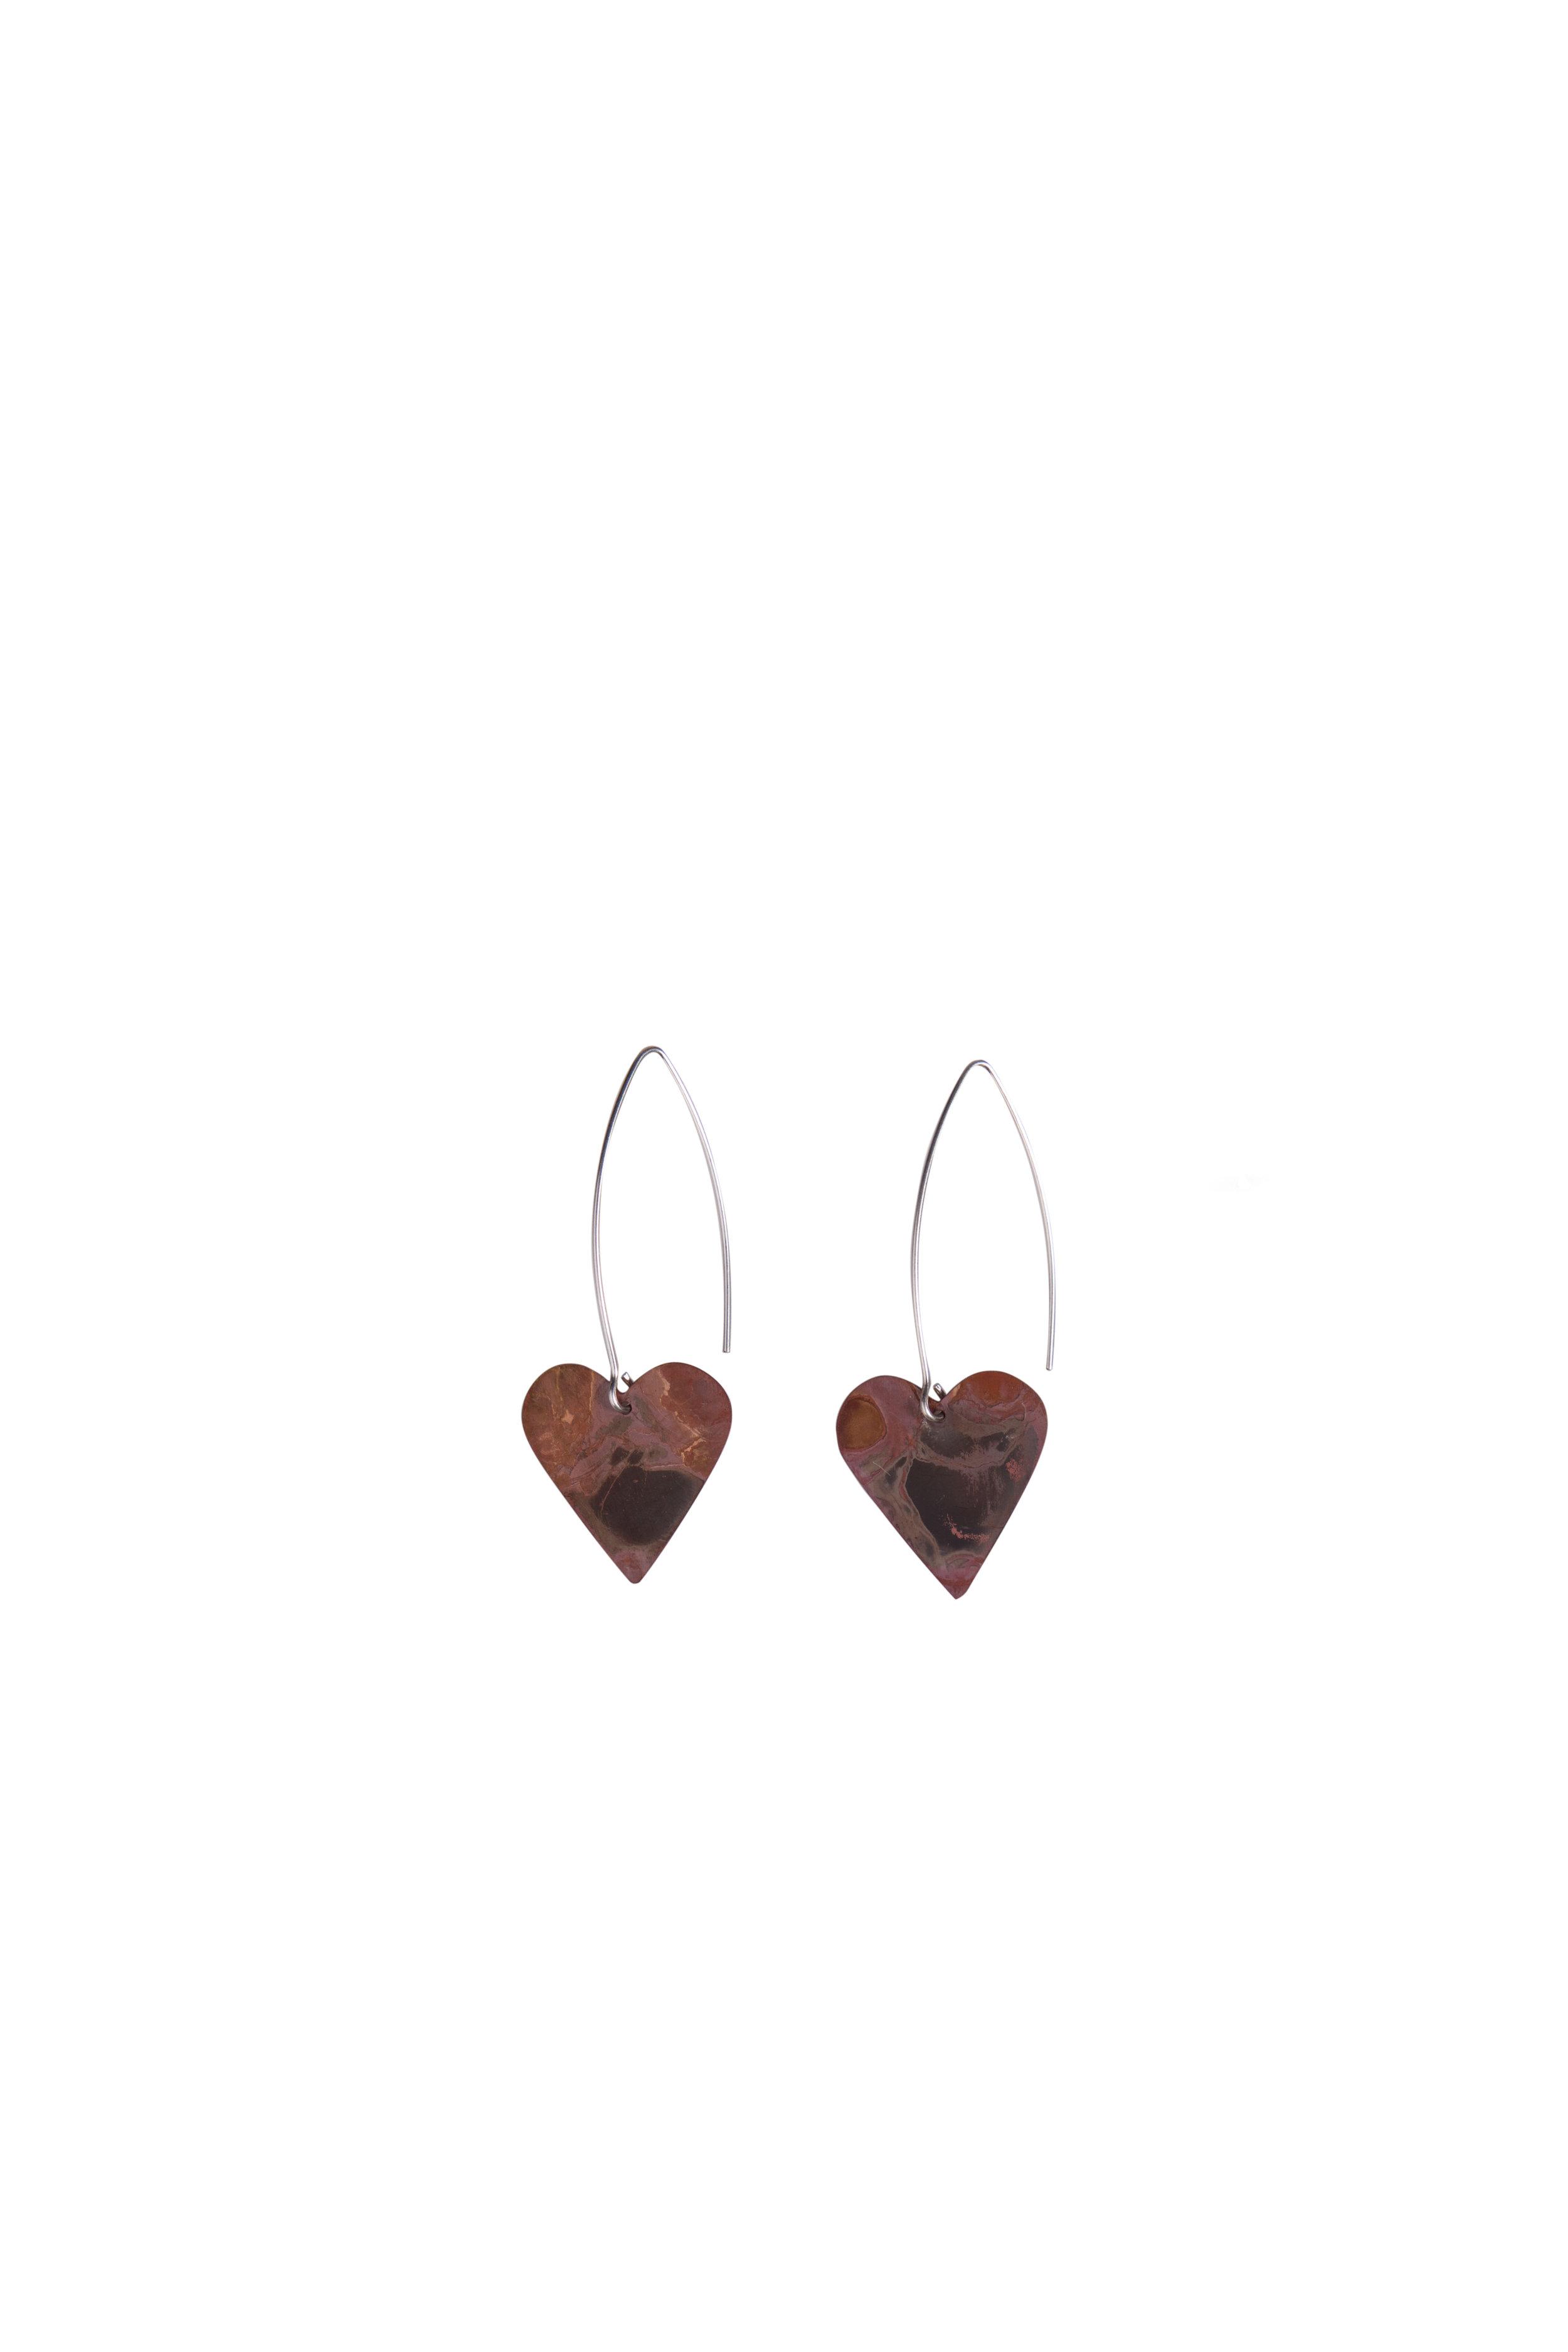 Classic Copper Heart Earrings  Oxidised copper on a long sterling silver hook